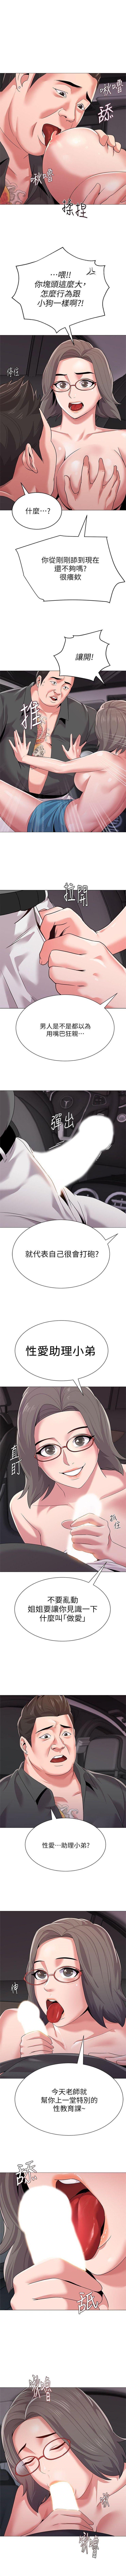 老師 1-80 官方中文(連載中) 123